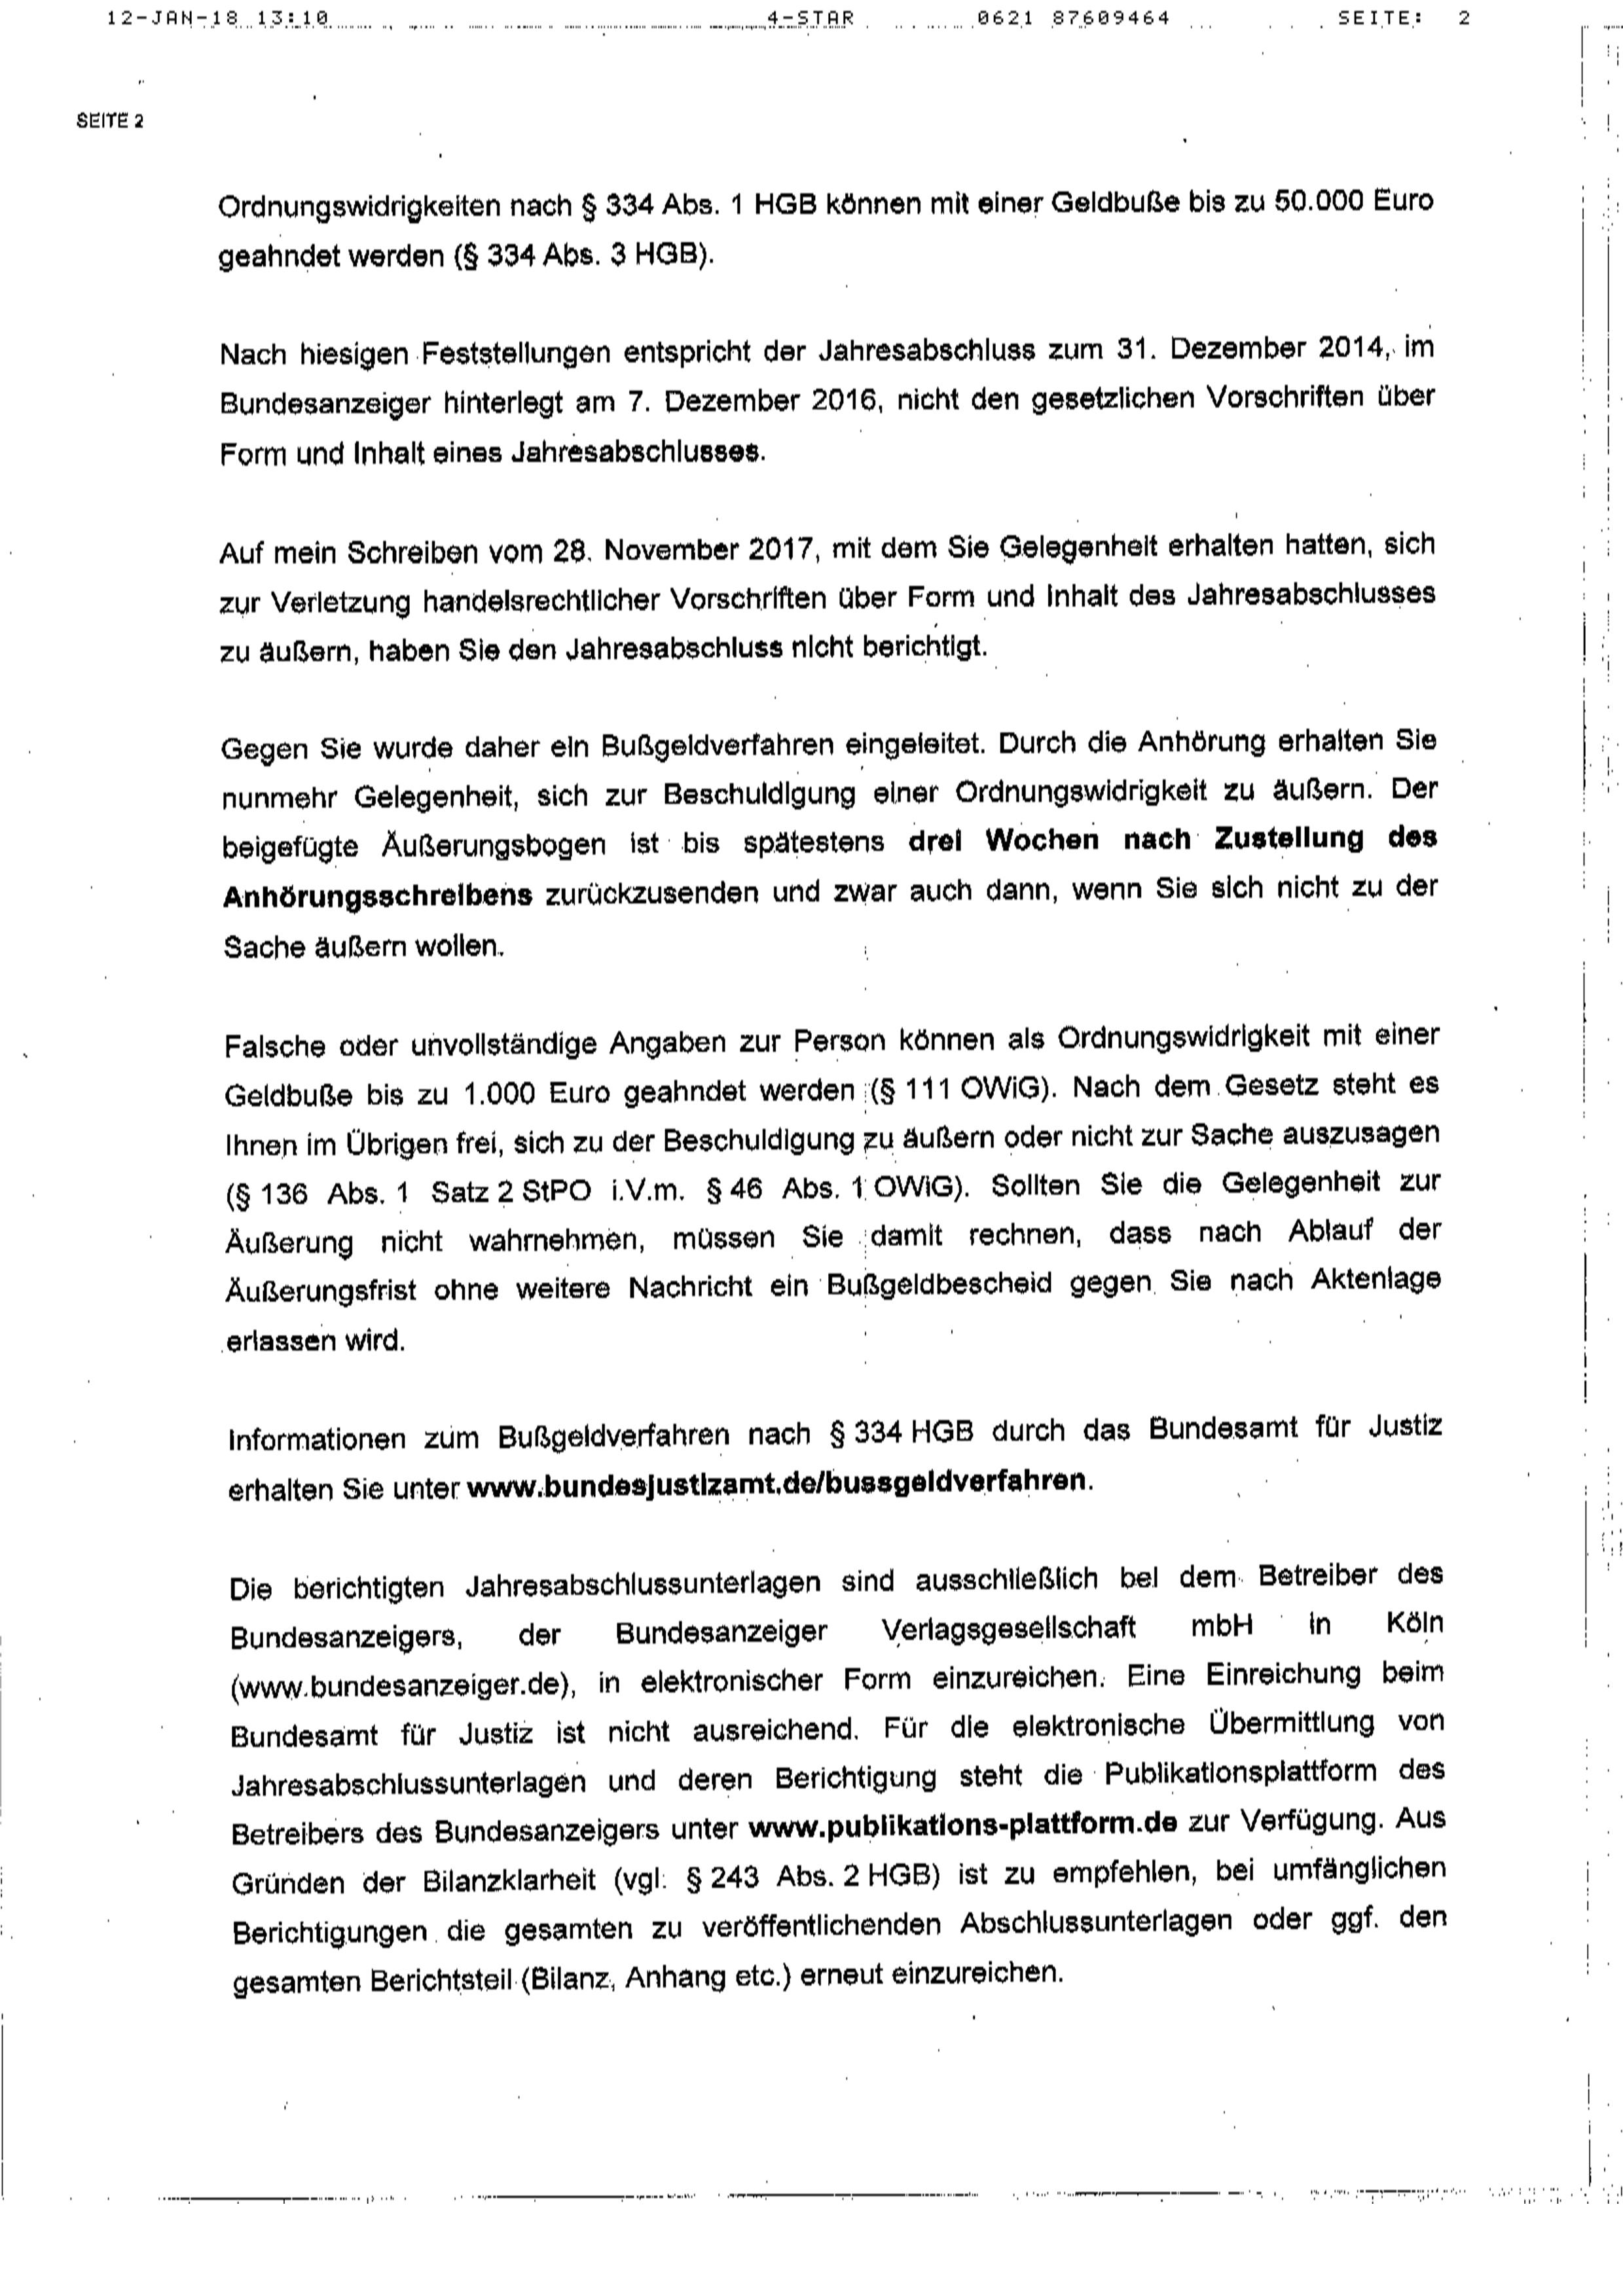 2018-01-05 - Schreiben Bundesamt wg. Strafeinleitung-page2